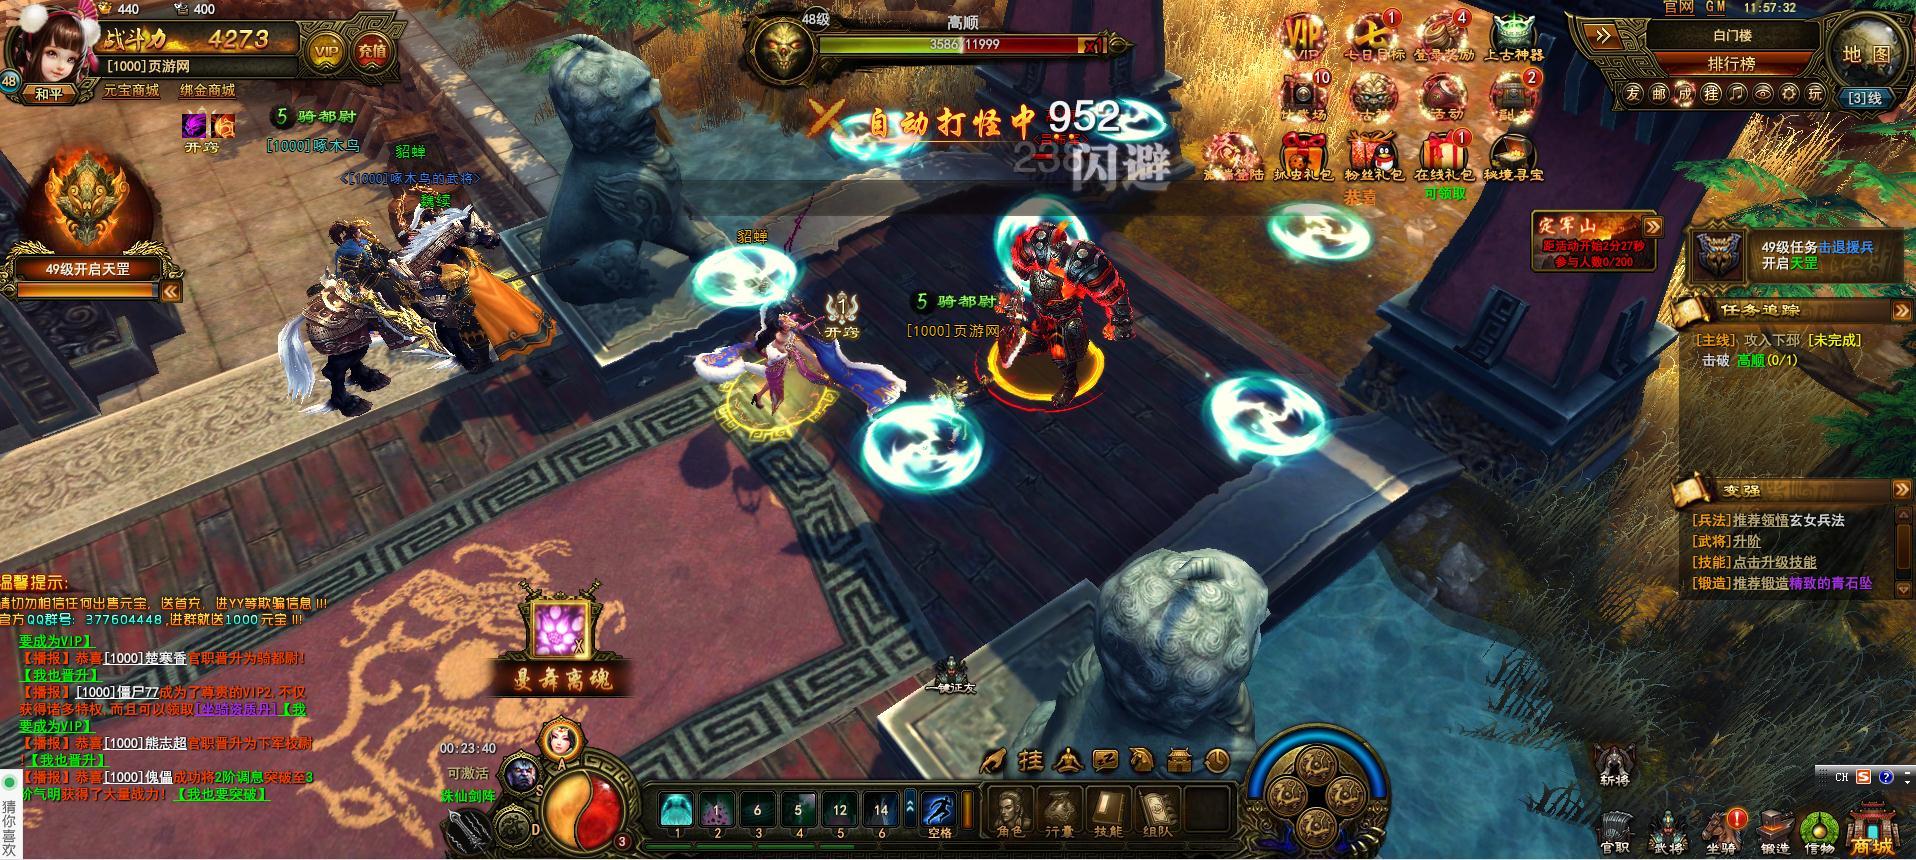 超炫三国3D页游《战神归来》游戏截图